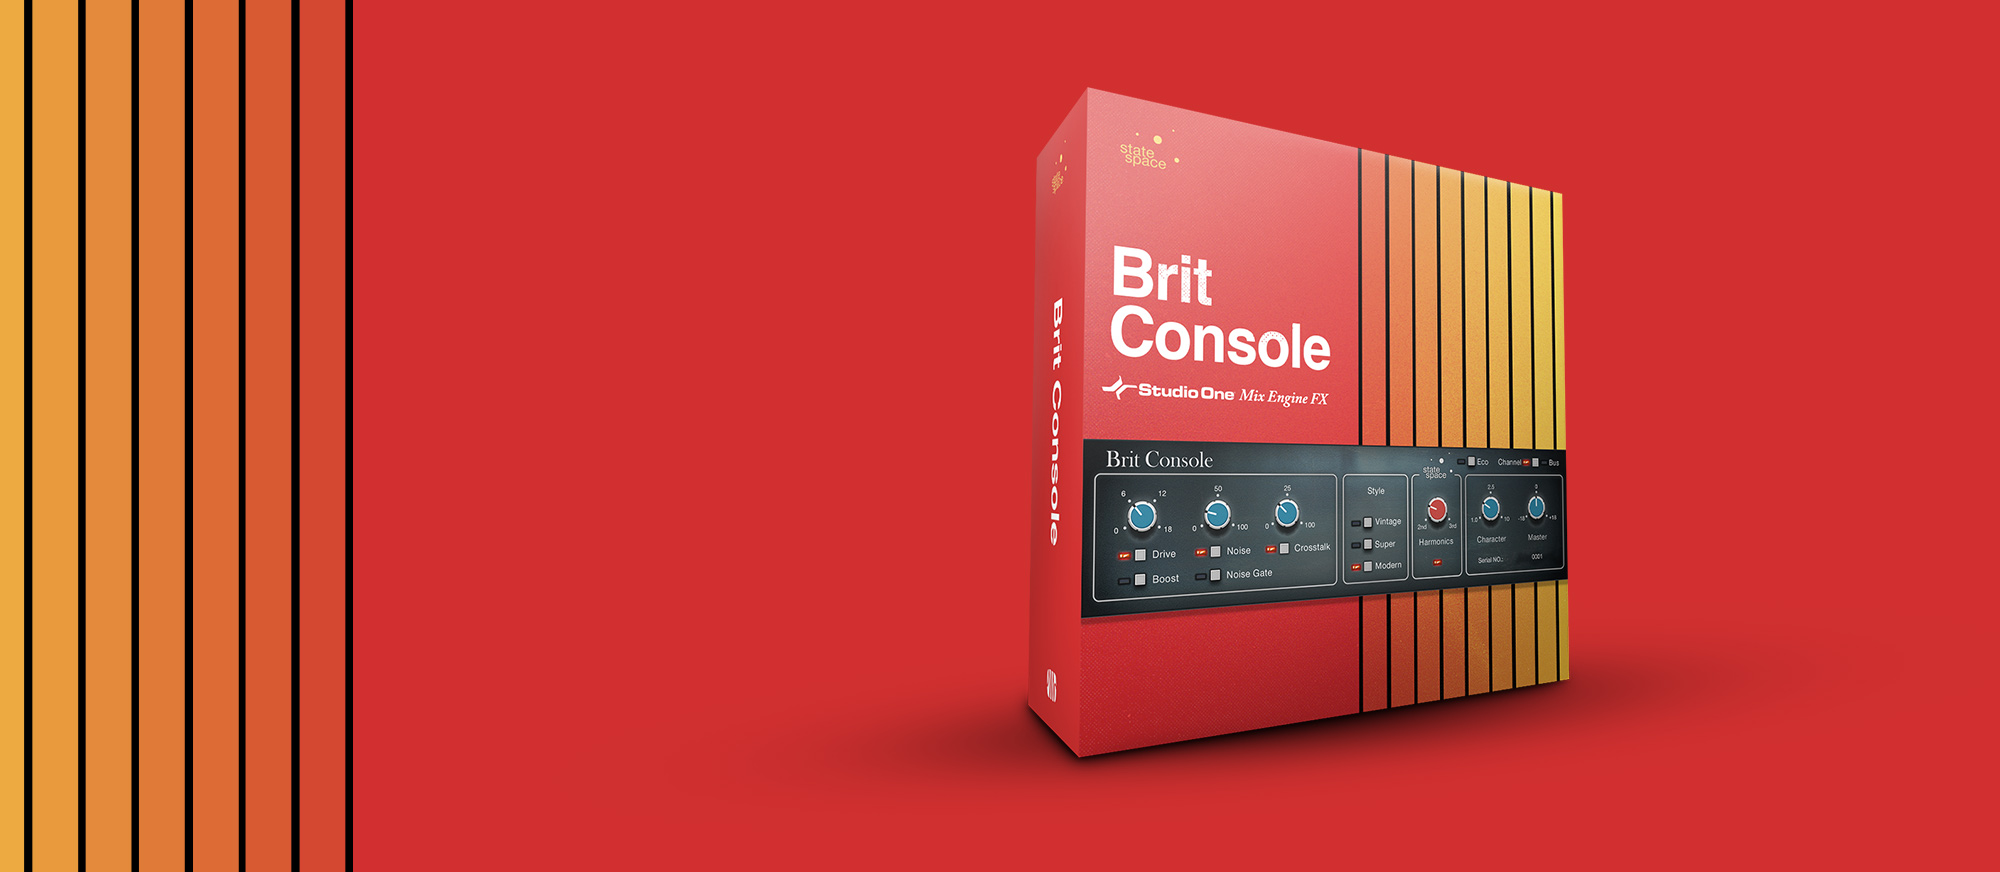 Brit console box